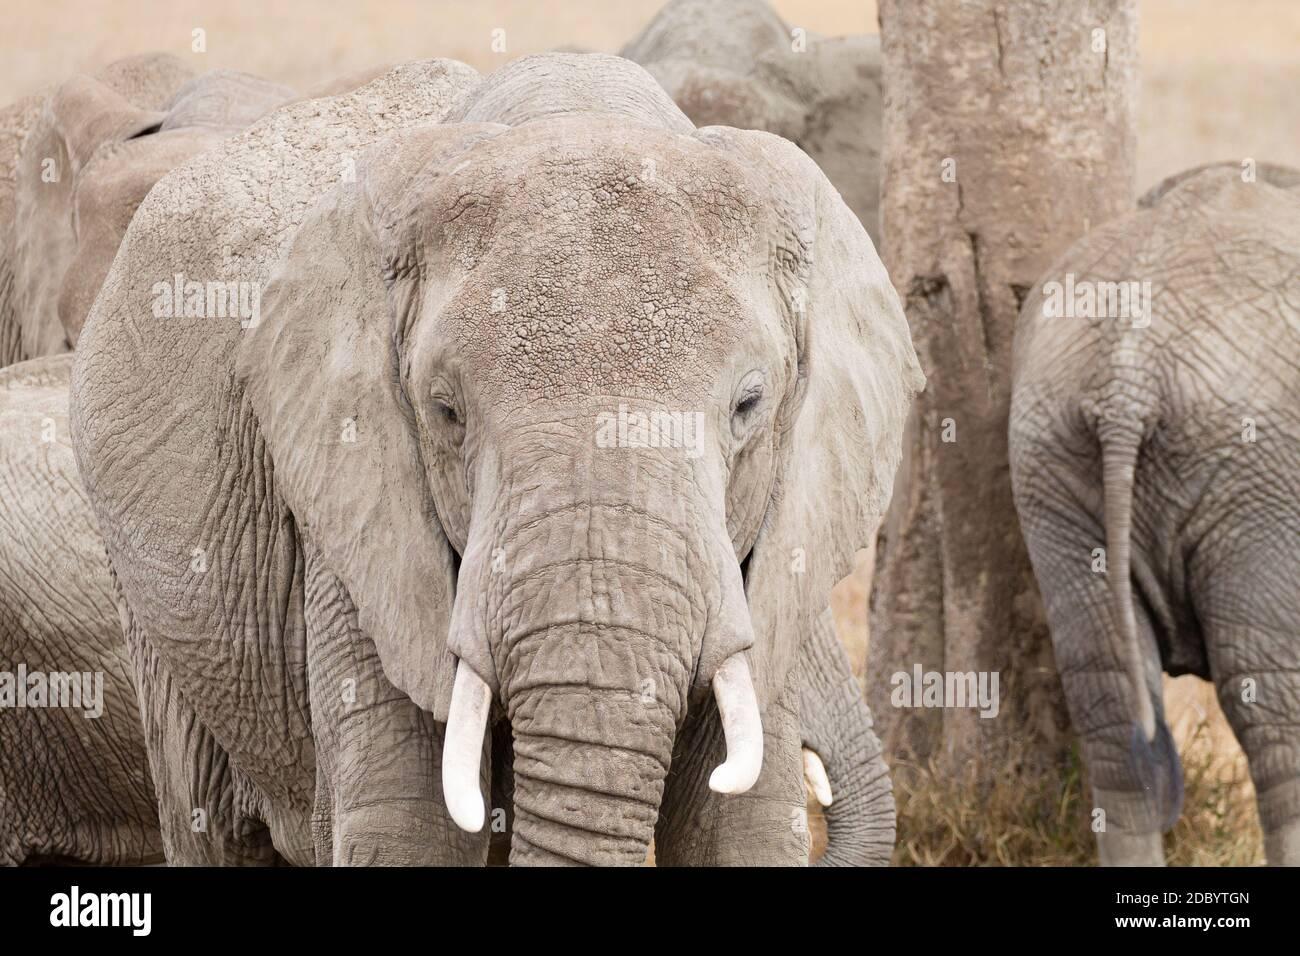 Troupeau d'éléphants du Parc National de Serengeti, Tanzanie, Afrique. La faune africaine Banque D'Images